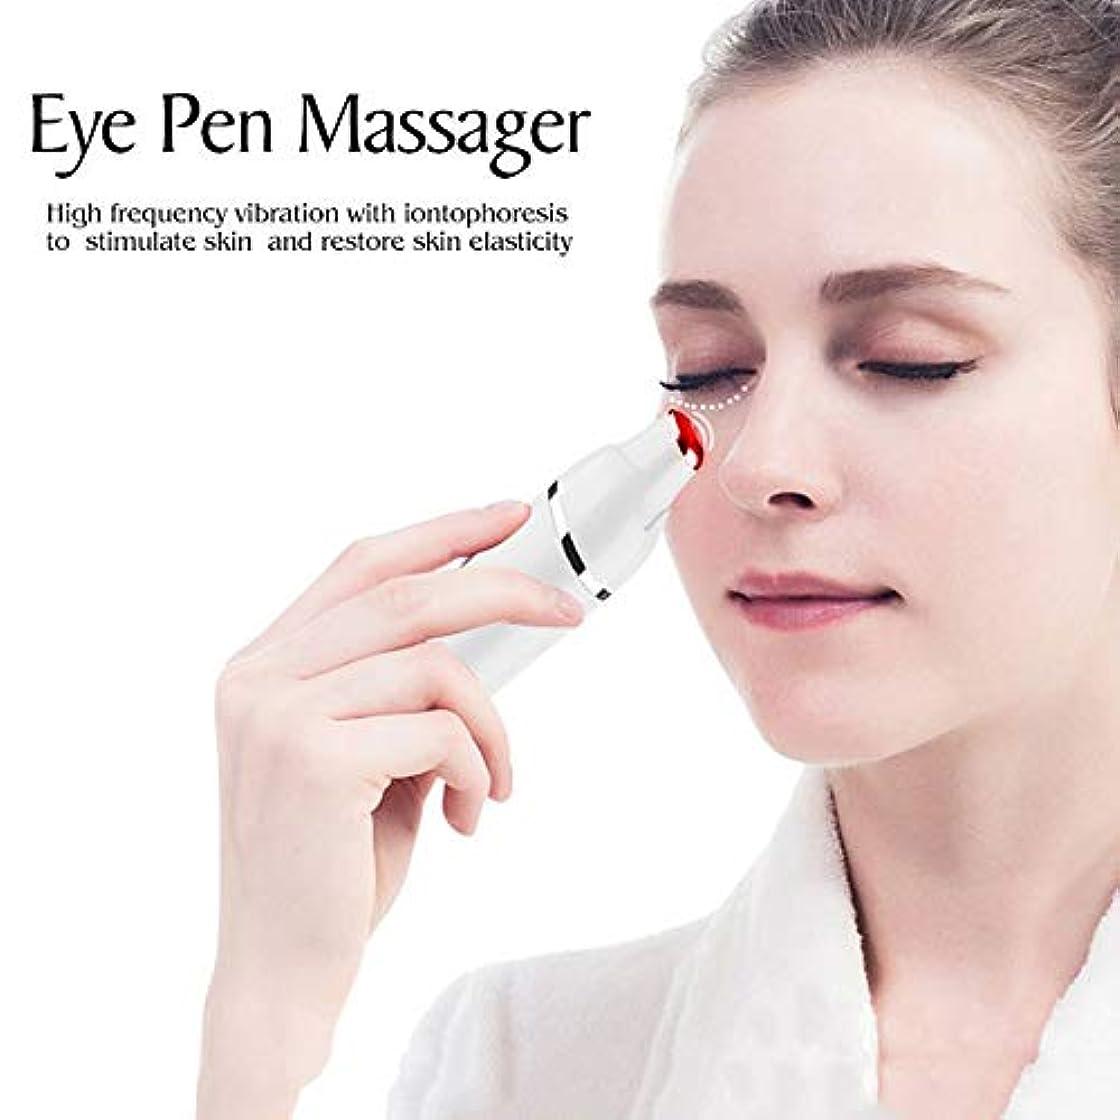 ガイダンス図同一性ソニックアイマッサージャー、目の疲れのための42℃加熱治療用ワンド、アイクリームを効果的に促進するためのアニオンの輸入